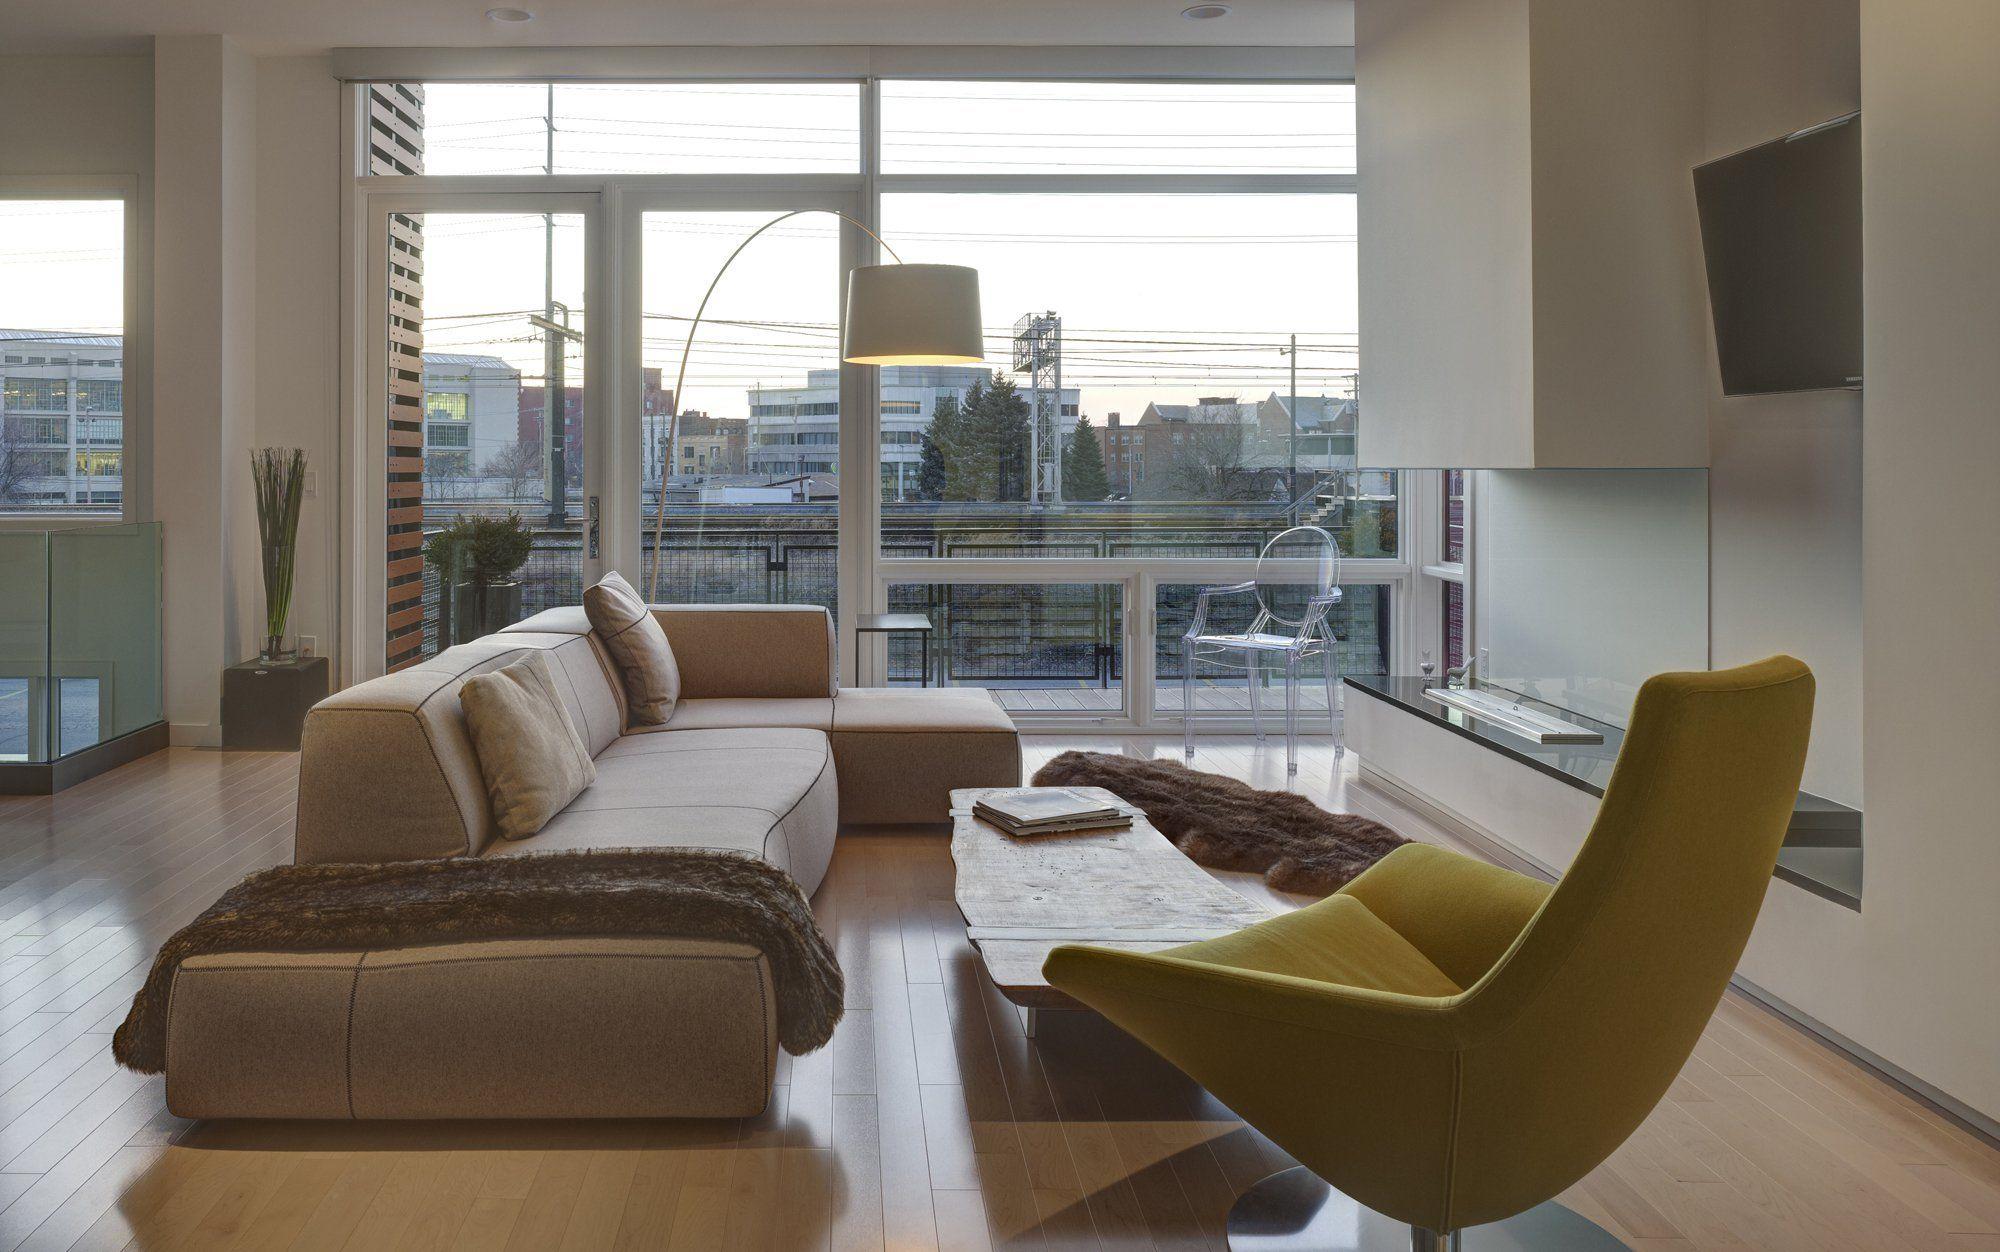 27 Coltman Townhouses / Dimit Architects